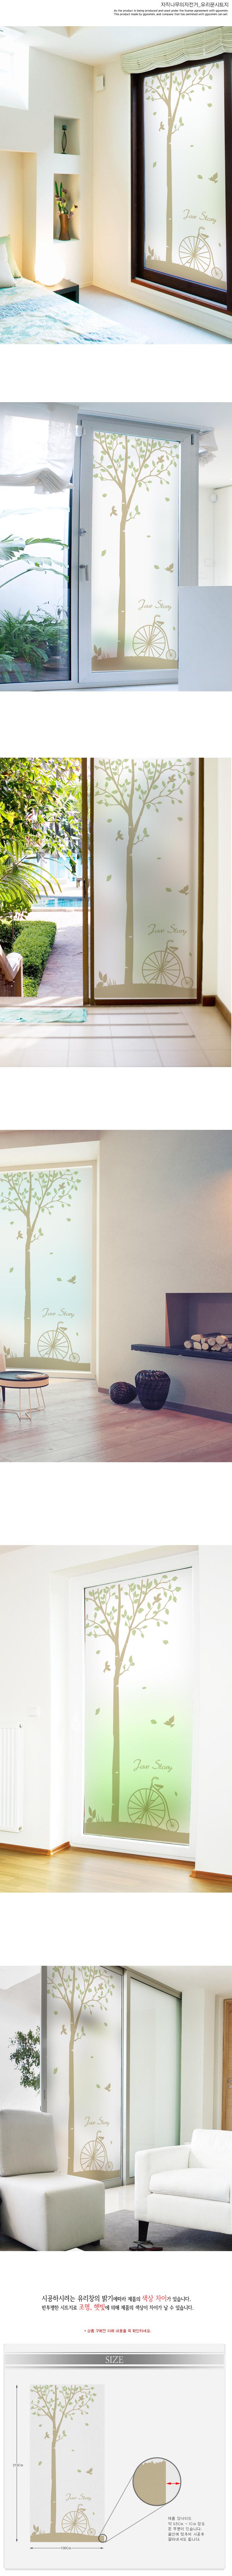 자작나무의자전거_유리문시트지 - 꾸밈, 32,000원, 벽지/시트지, 플라워 시트